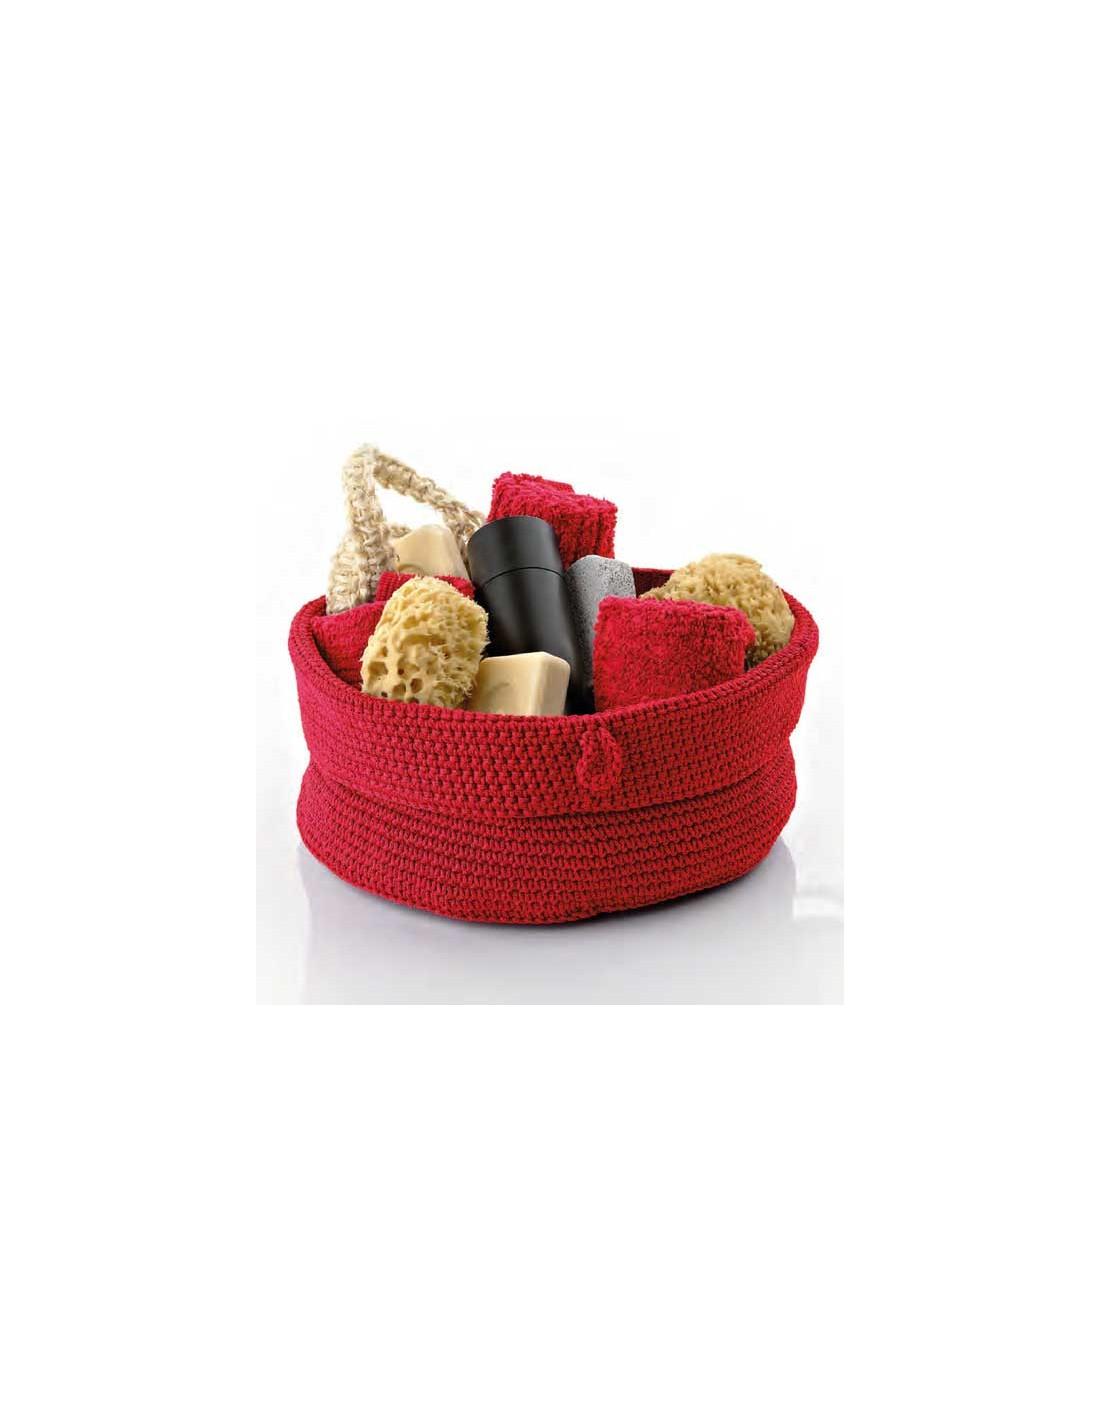 Corbeille Confetti moyen modèle rouge de la marque Zone